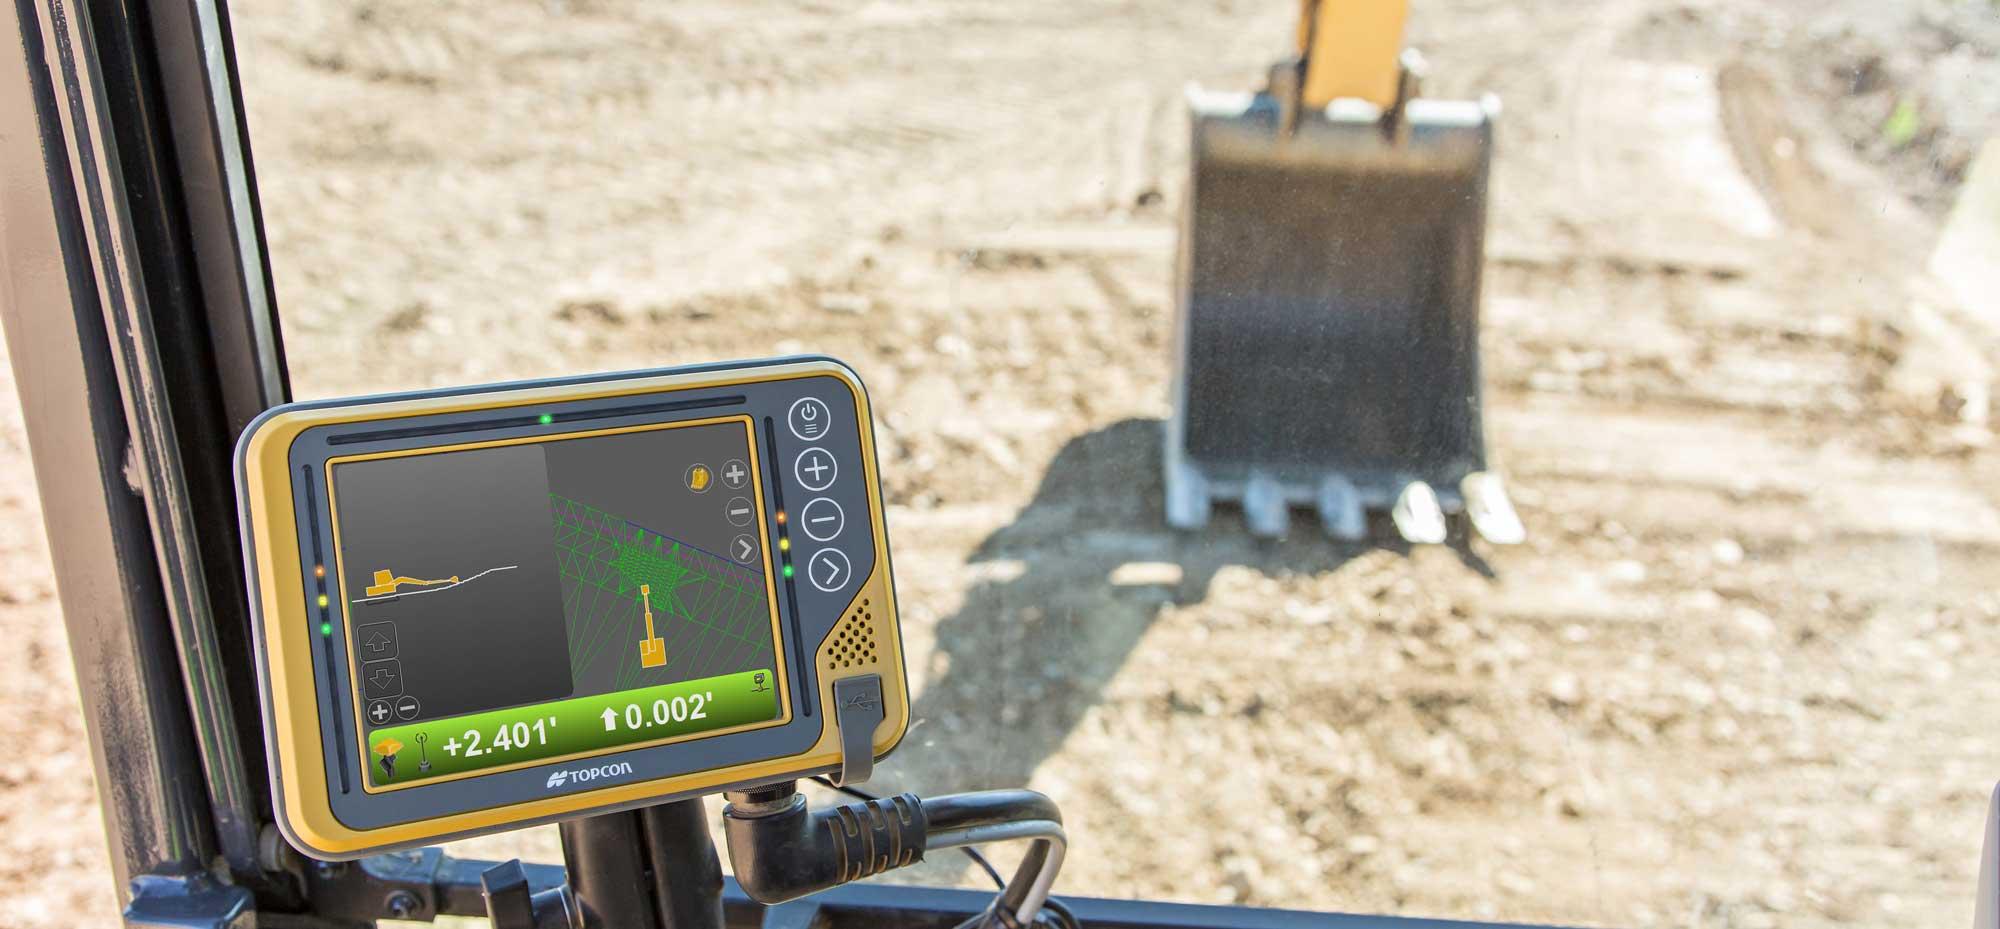 3D grade control excavator Topcon